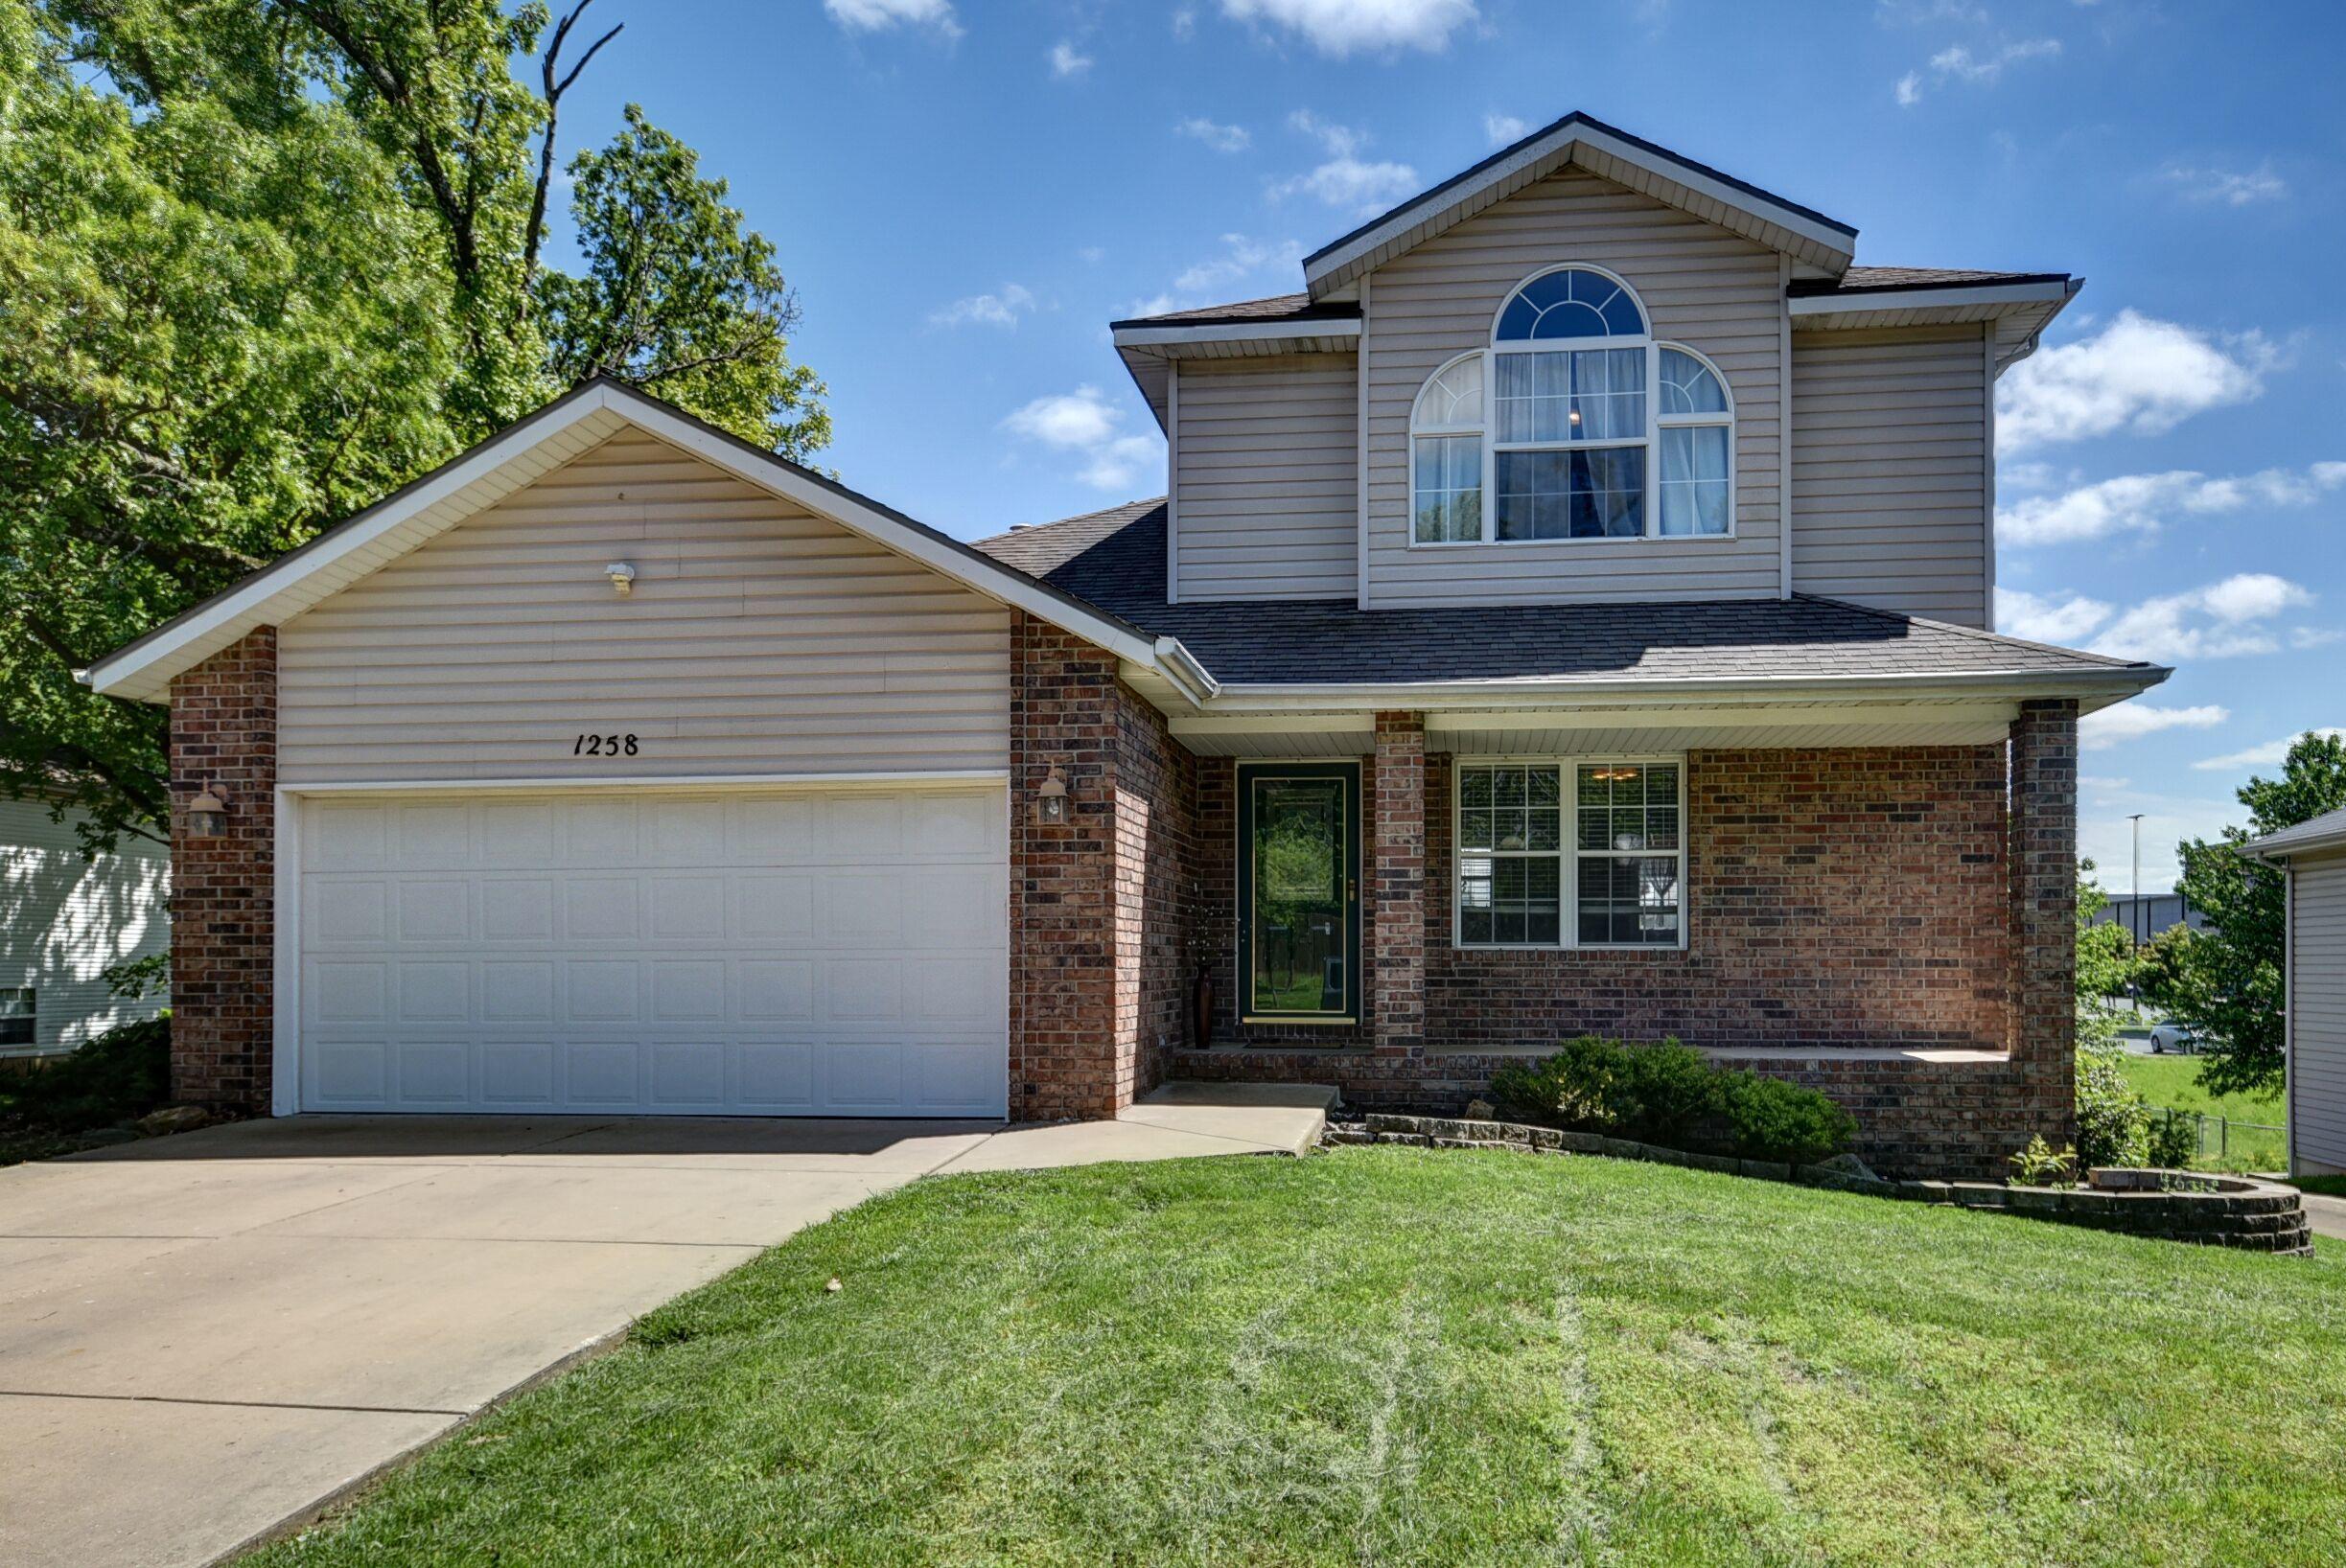 1258 West Bridgewood Place Nixa, MO 65714